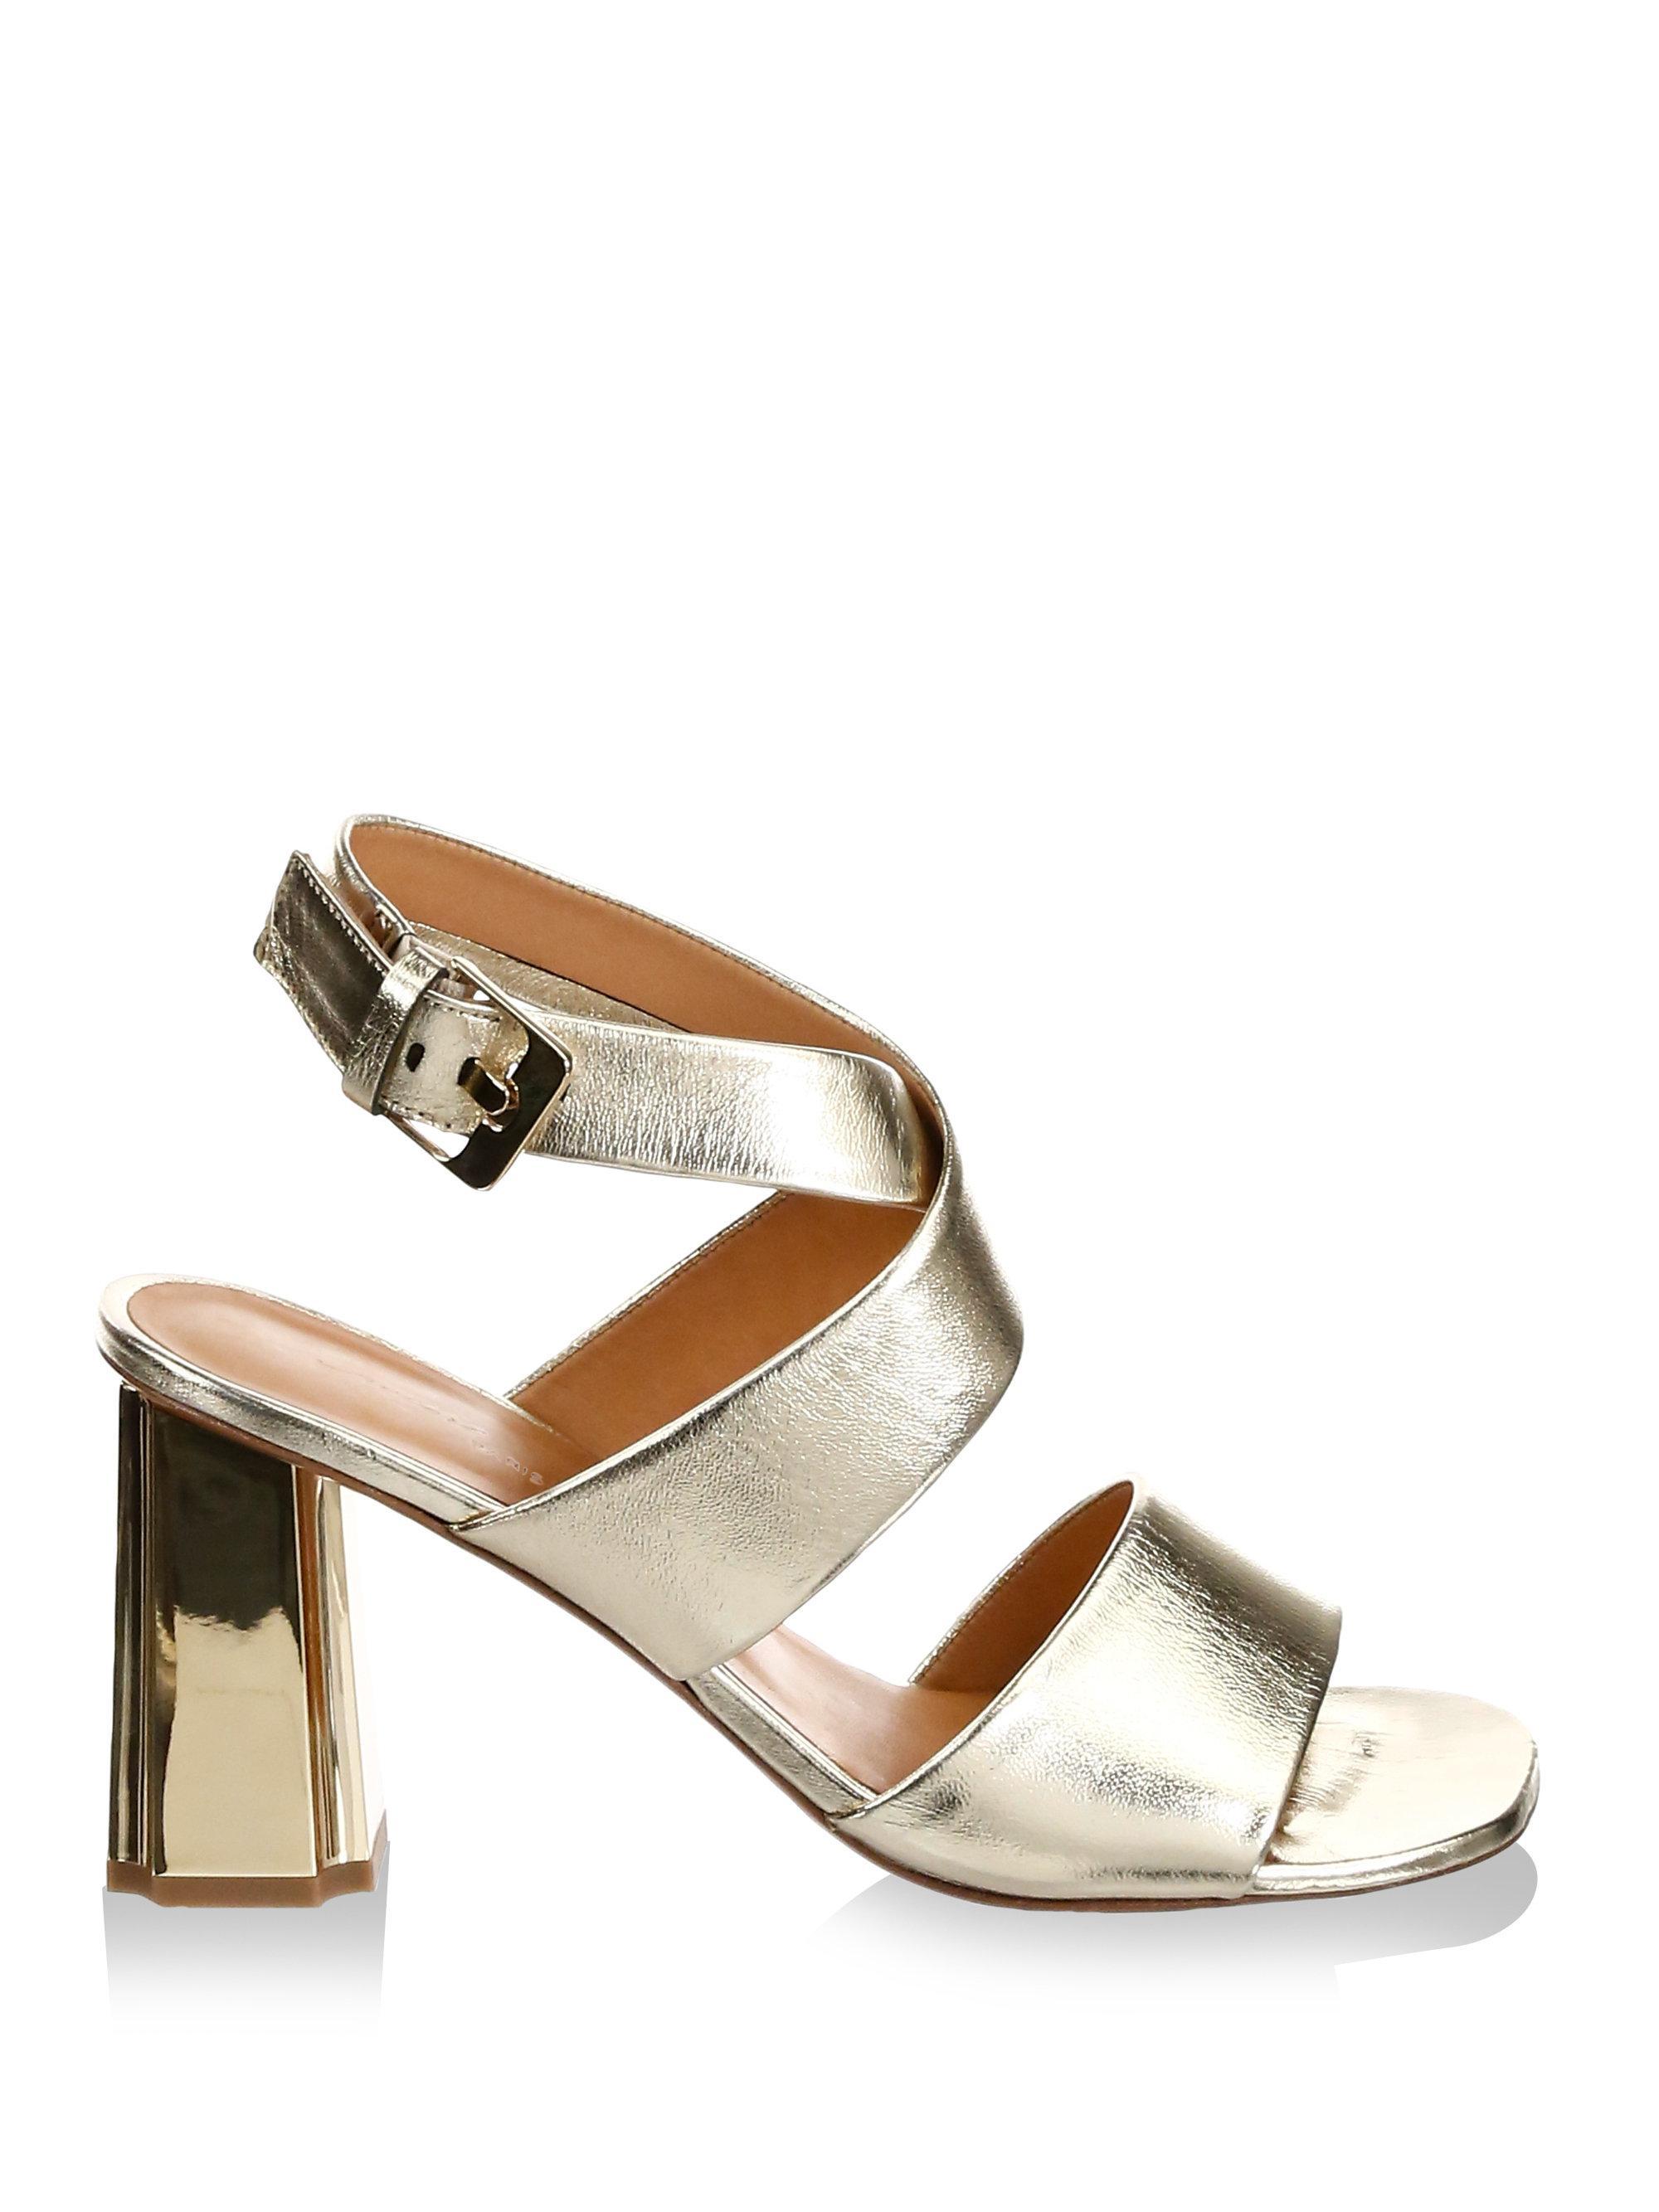 Robert Clergerie Zora Leather Ankle Strap Sandals GUuqGNetX